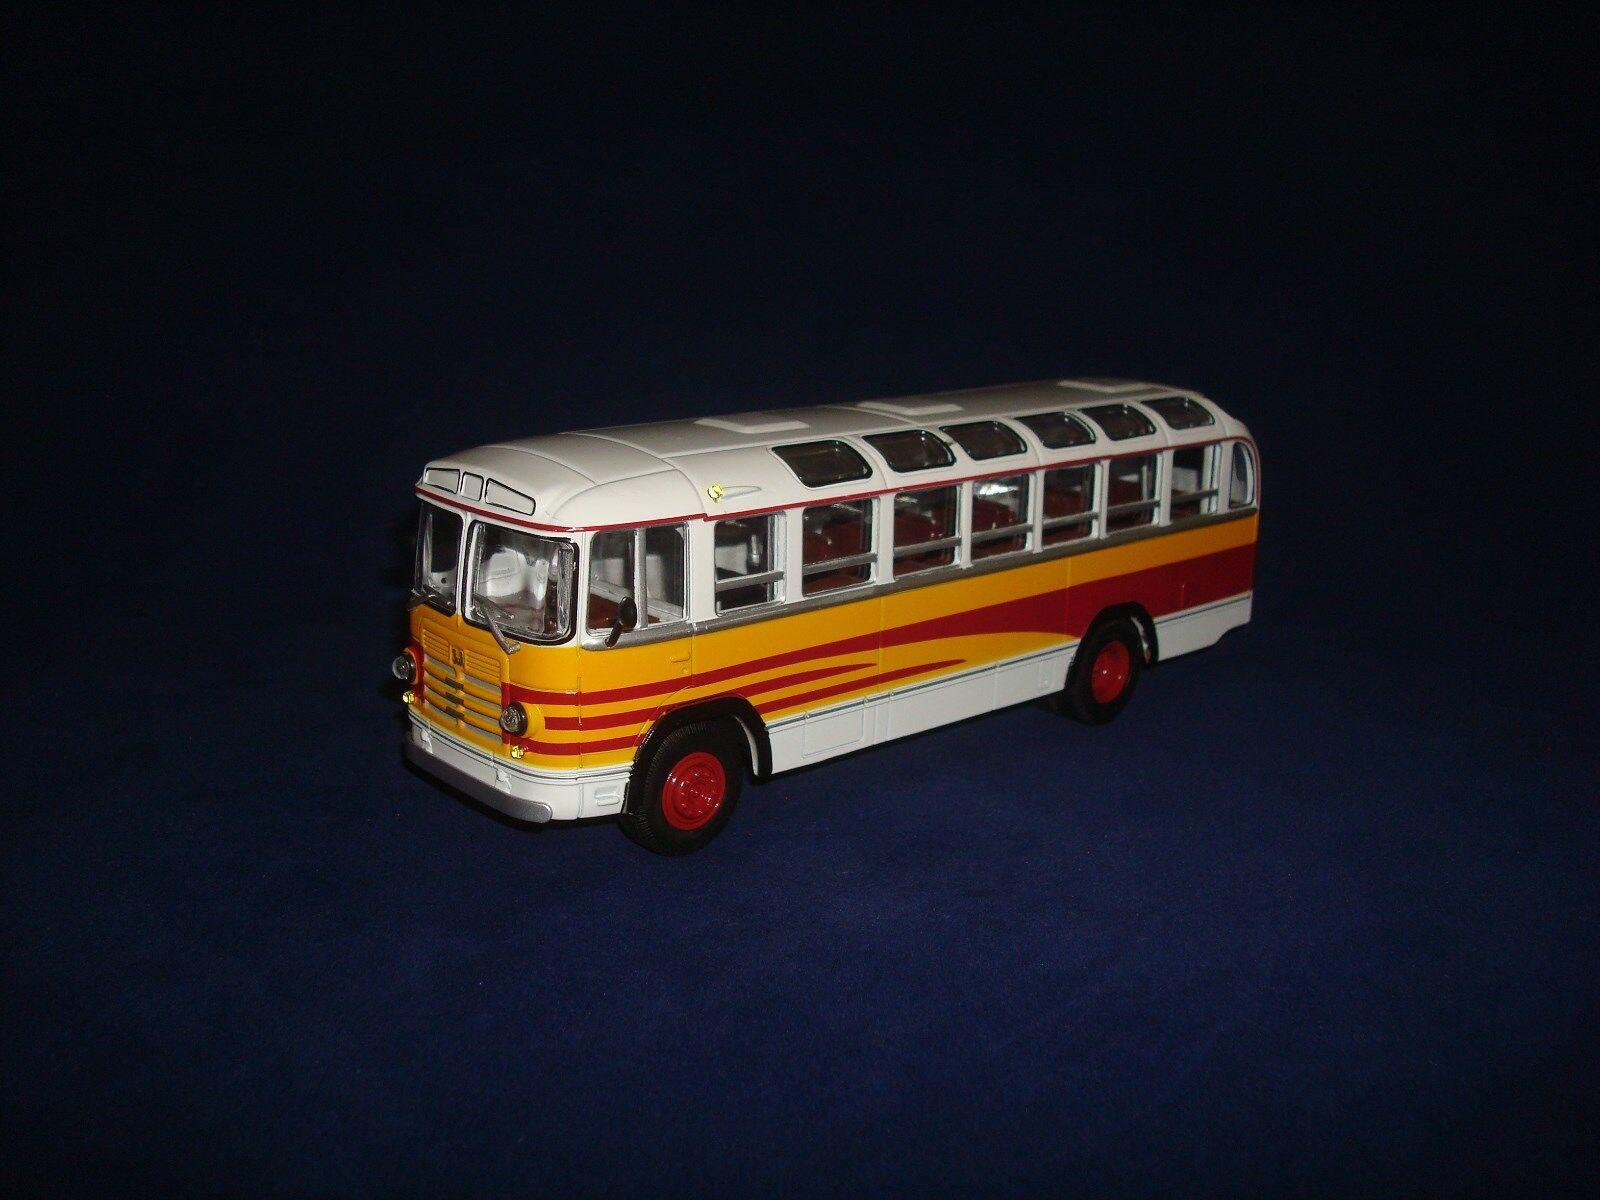 ZIL 158A excursion Soviet Bus 1 43